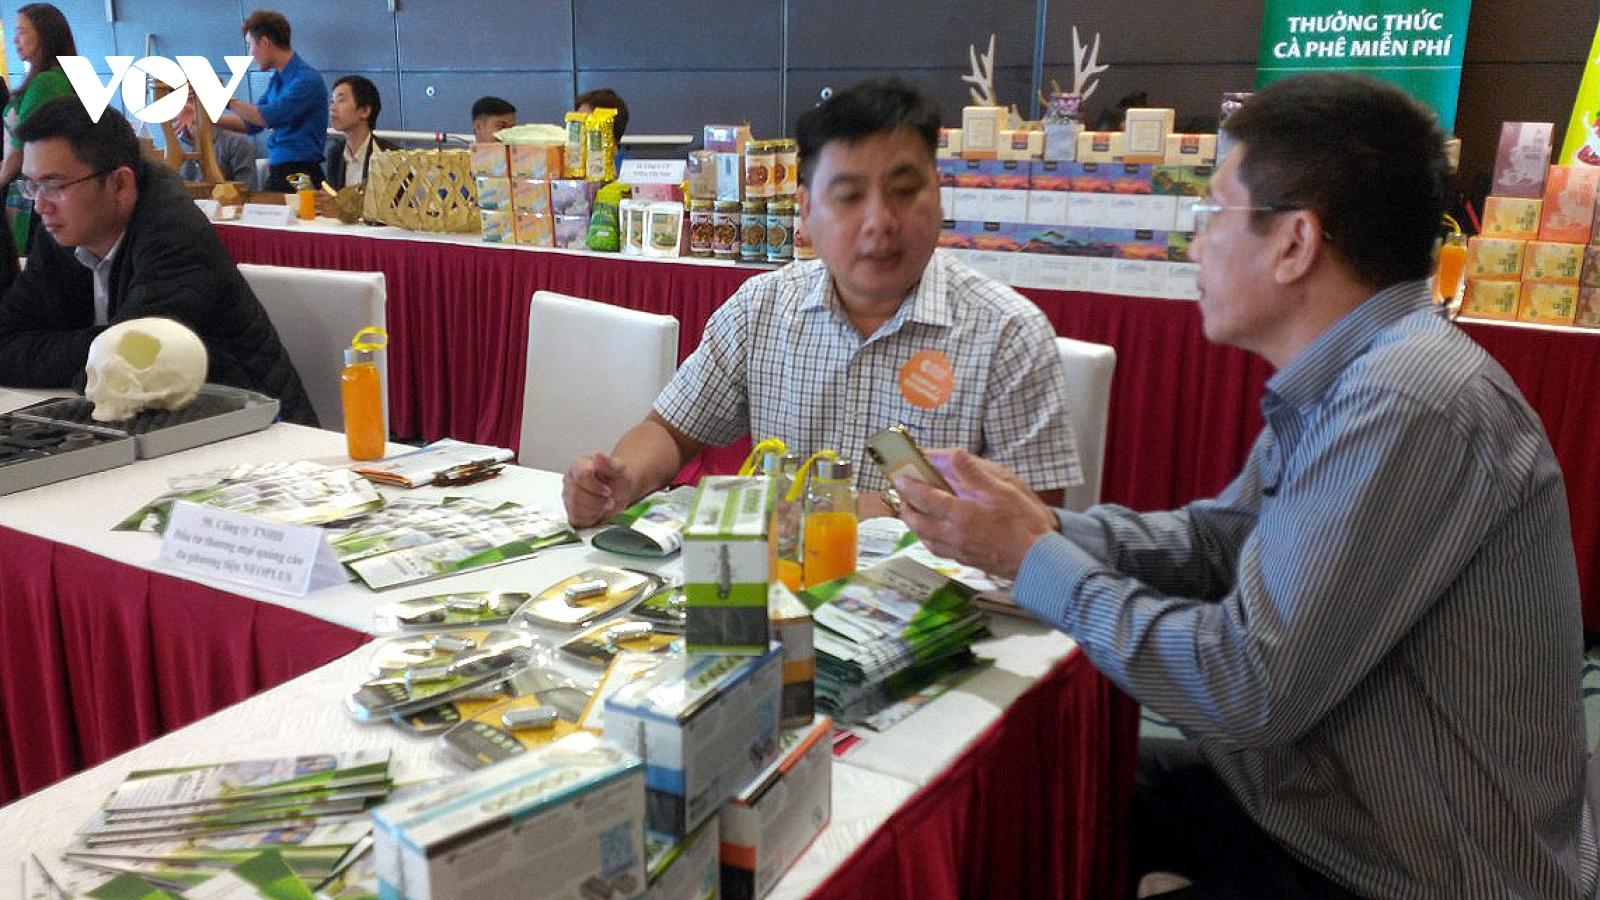 Khởi nghiệp sáng tạo Việt Nam: Tìm thấy cơ hội trong thách thức